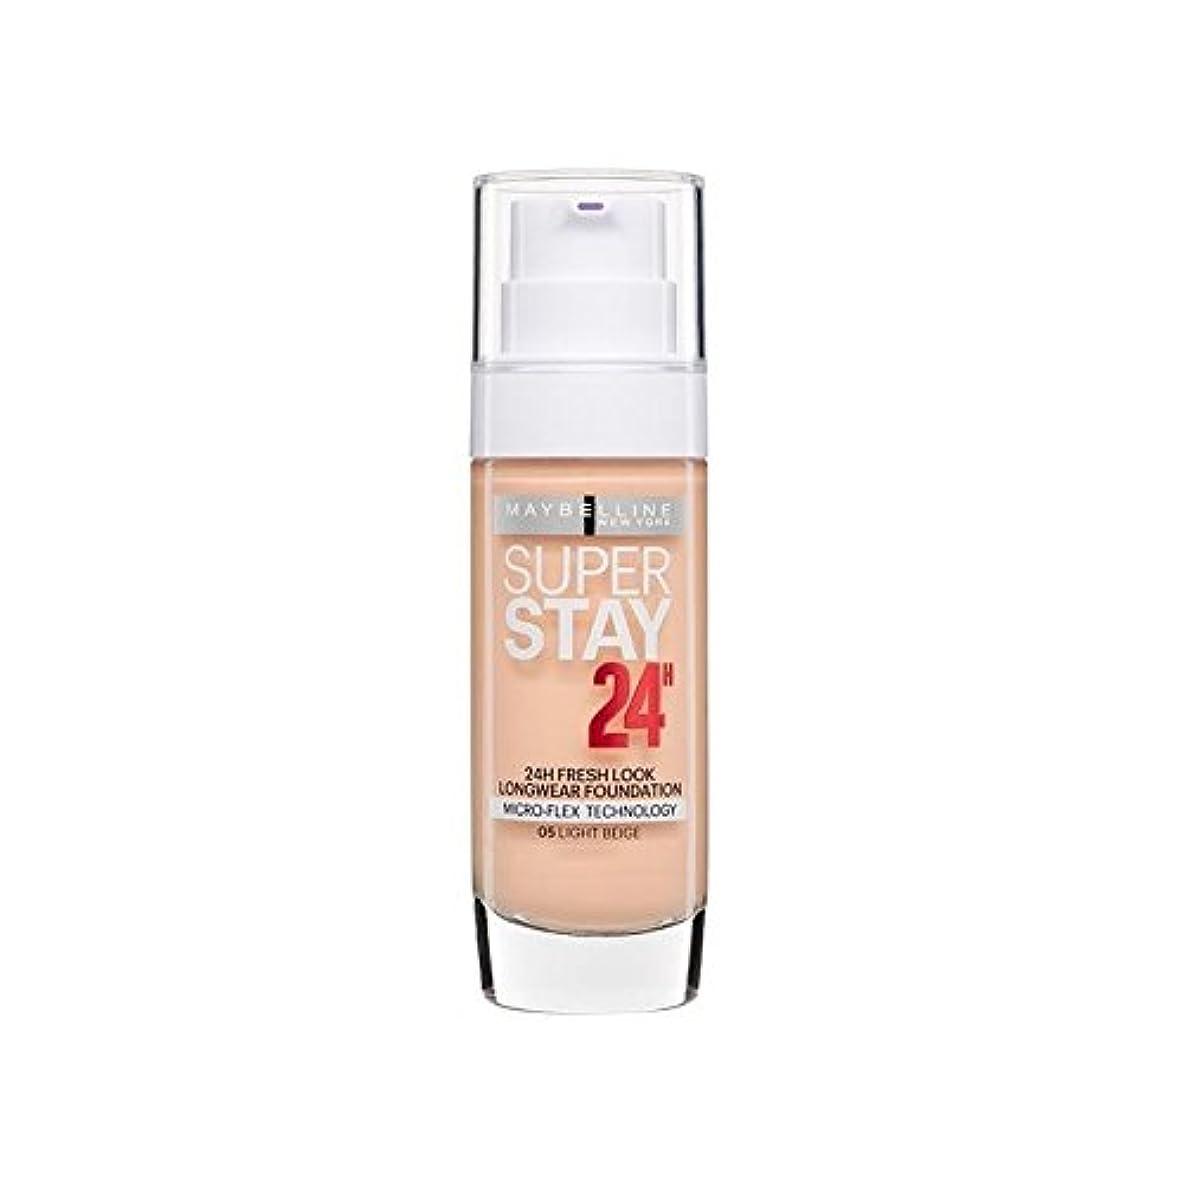 うつチップ逮捕メイベリンの24時間リキッドファンデーションライトベージュ30ミリリットル x2 - Maybelline SuperStay 24h Liquid Foundation Light Beige 30ml (Pack of...